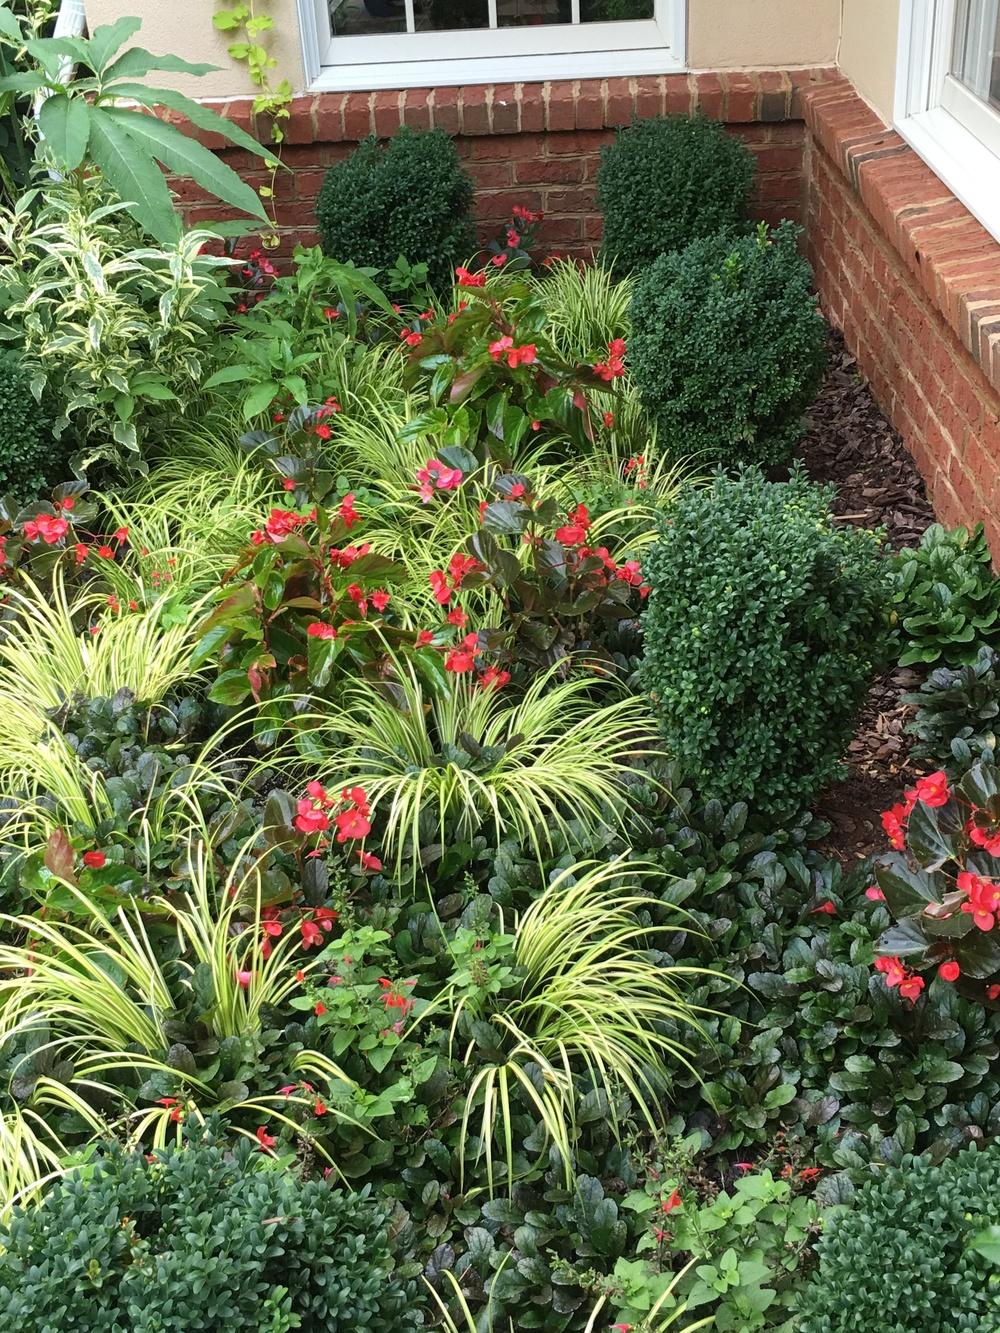 A small parterre garden.